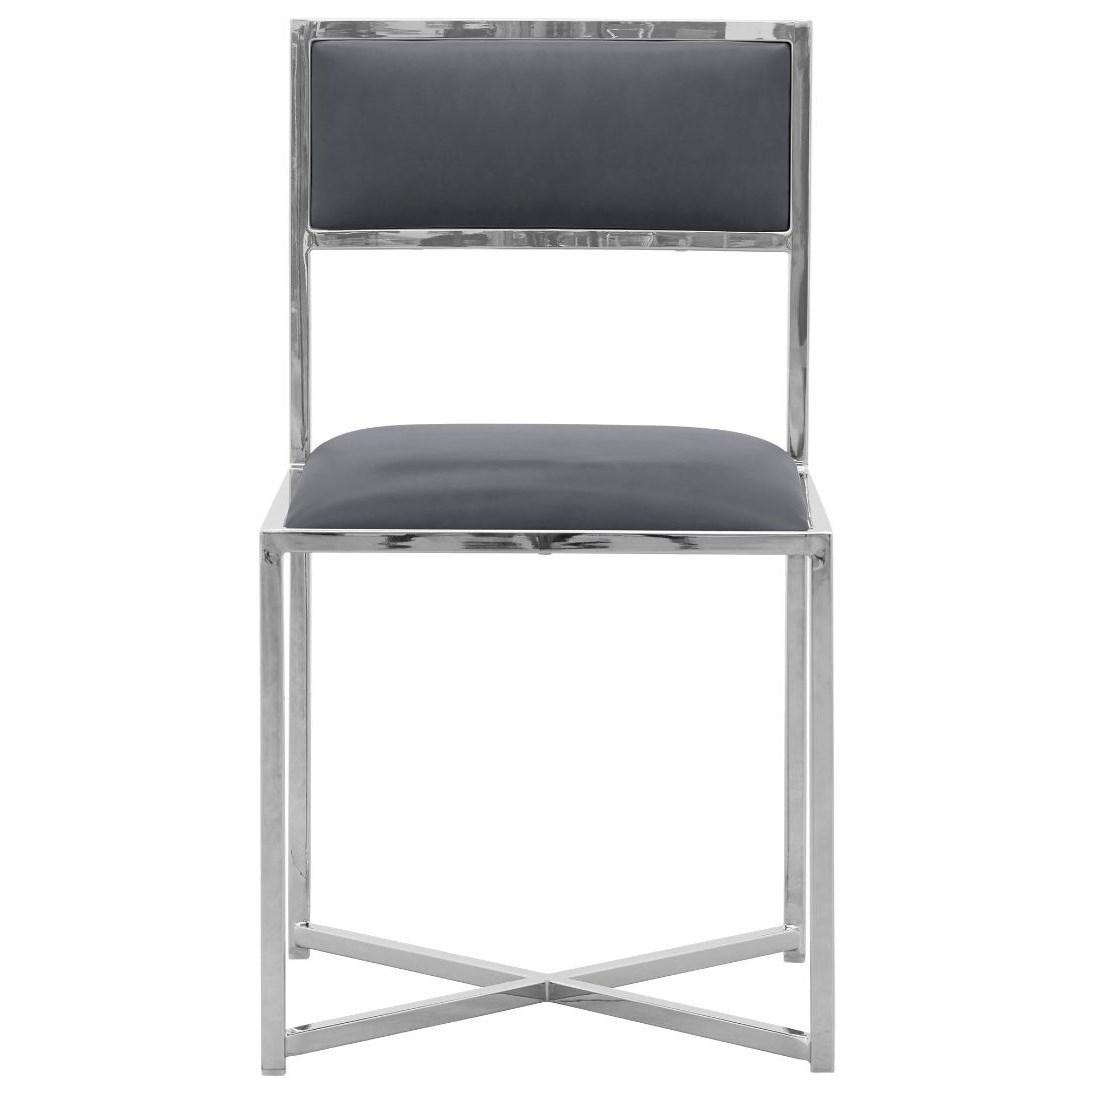 X-Base Chair in Cobalt